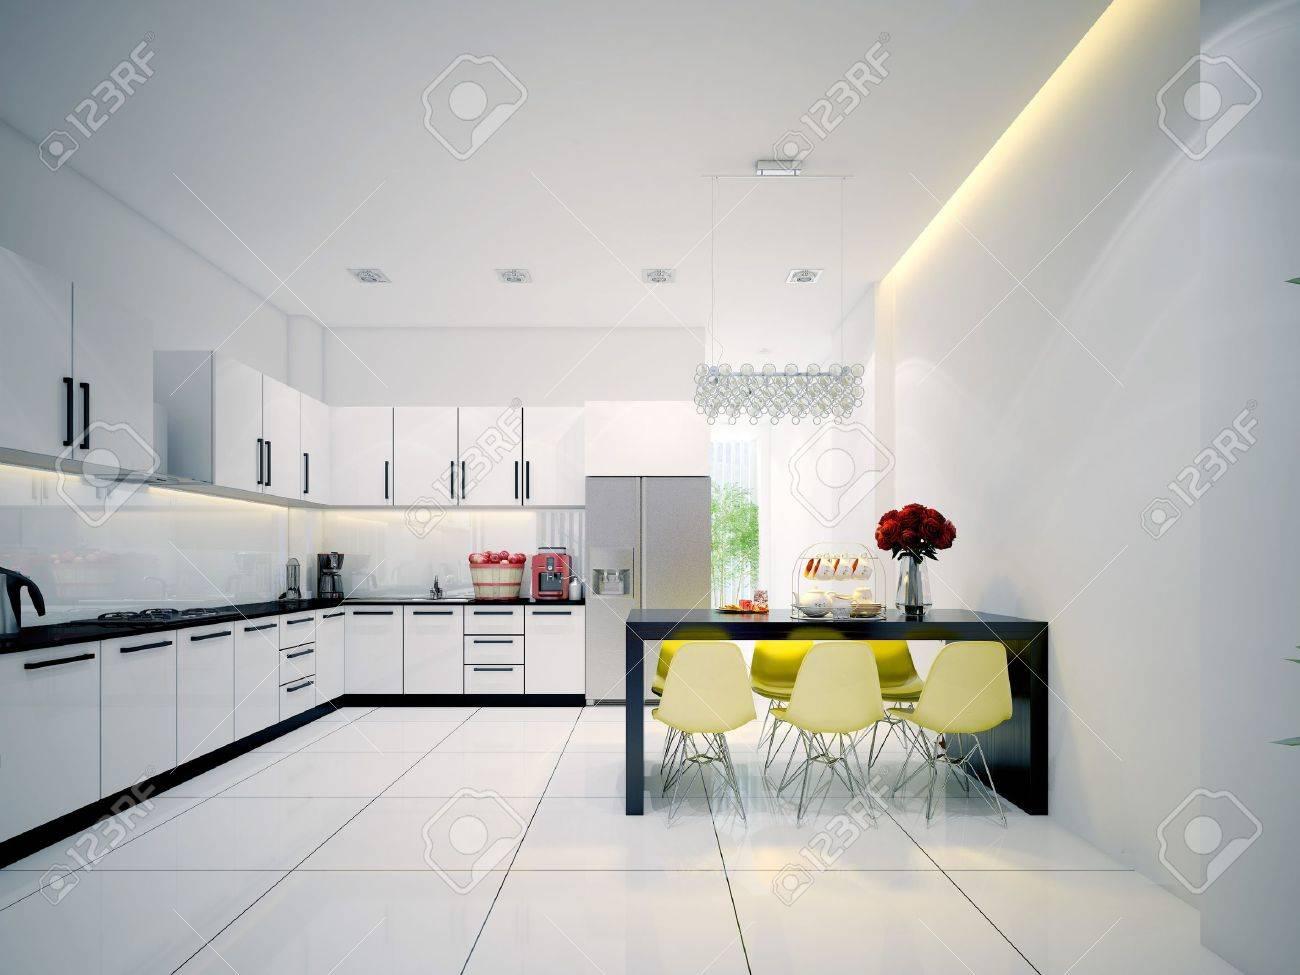 Cuisine Moderne Avec Salle à Manger Contemporaine Blanche Banque D ...